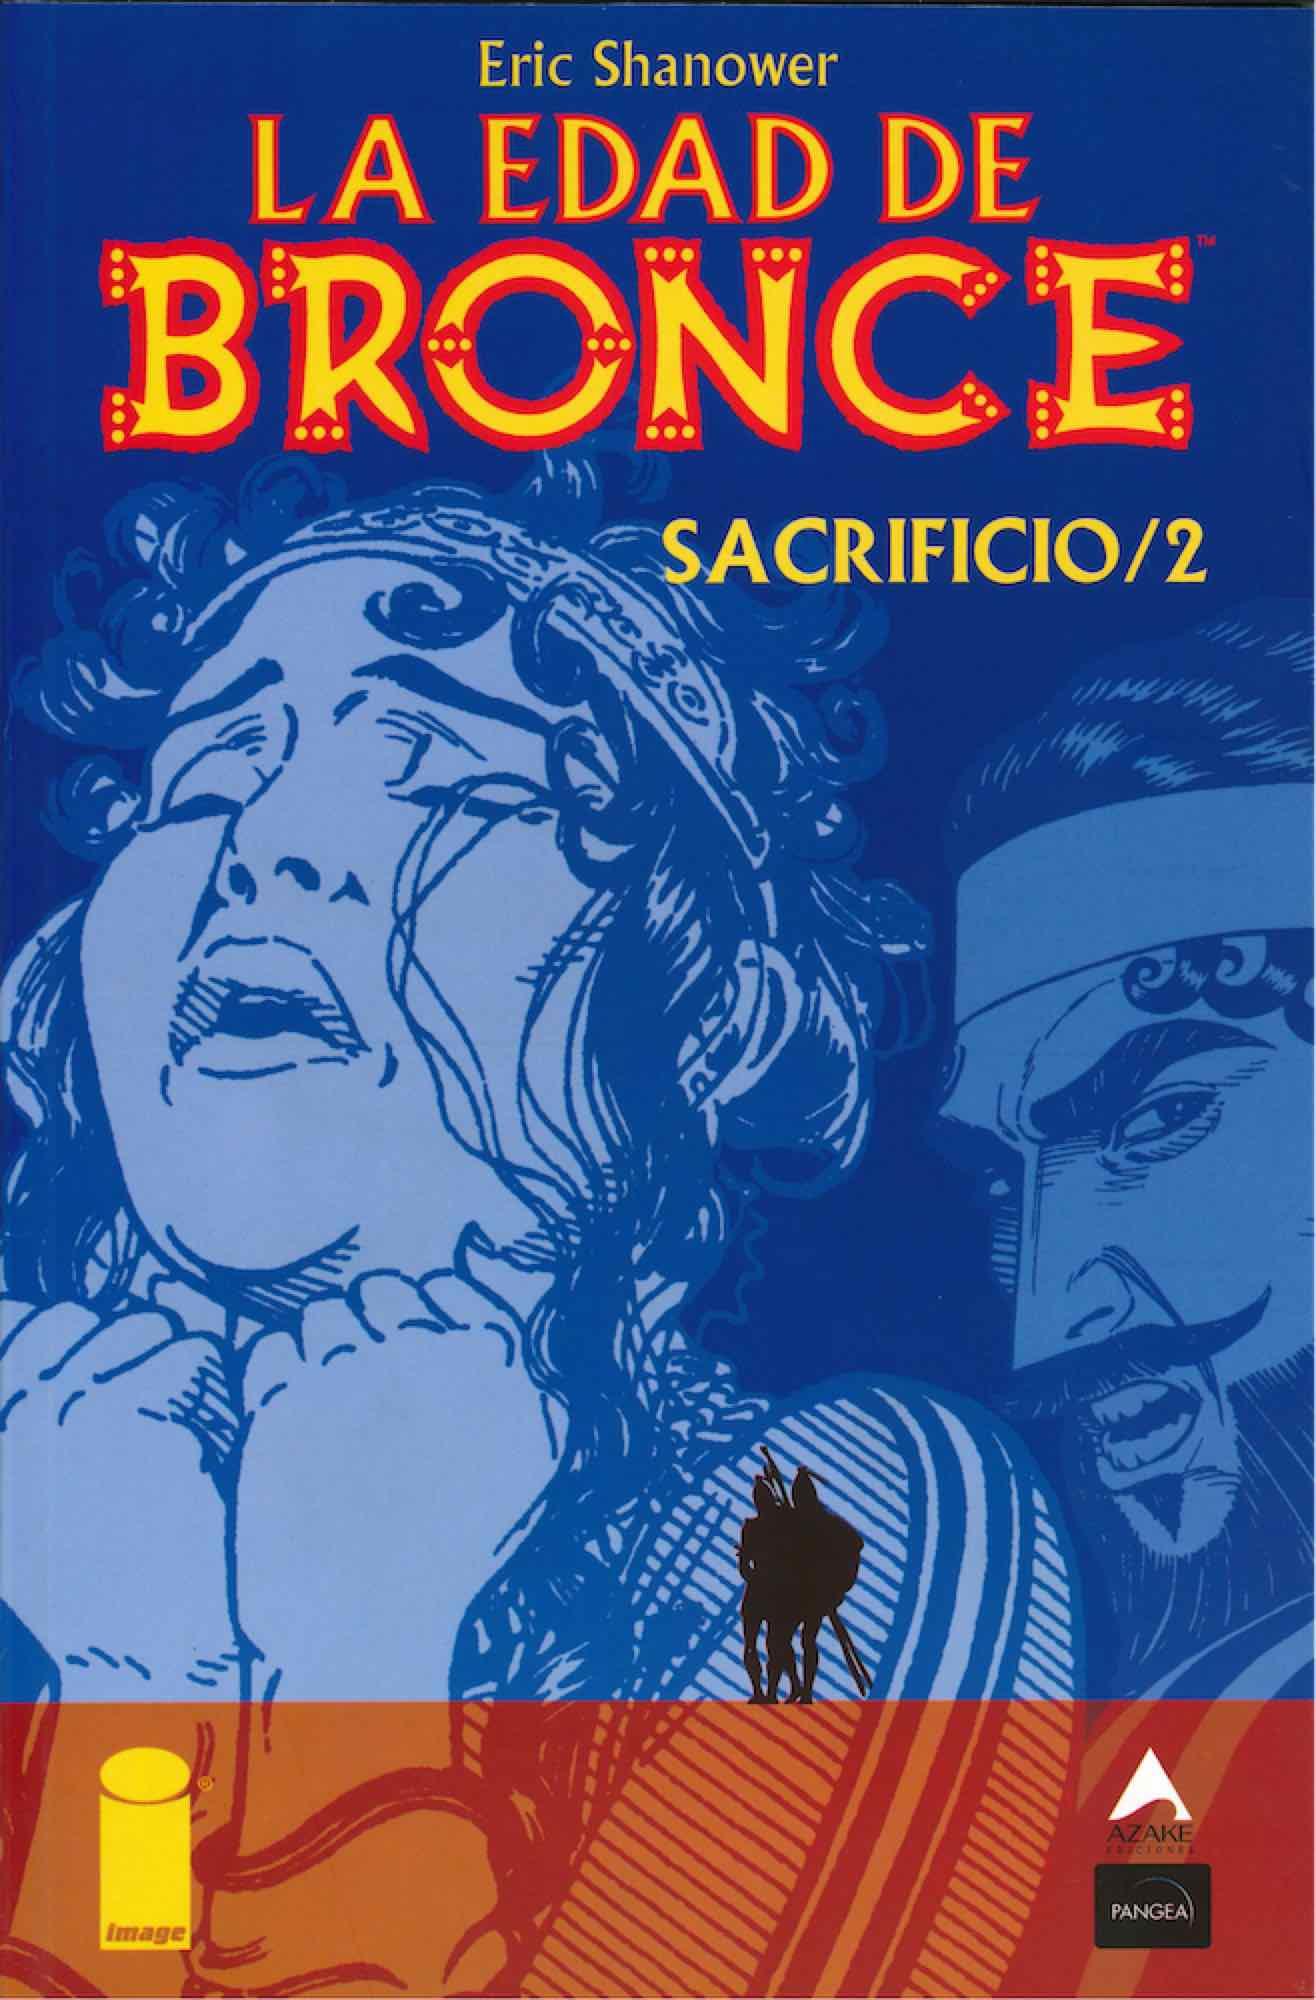 LA EDAD DE BRONCE 05. SACRIFICIO 2